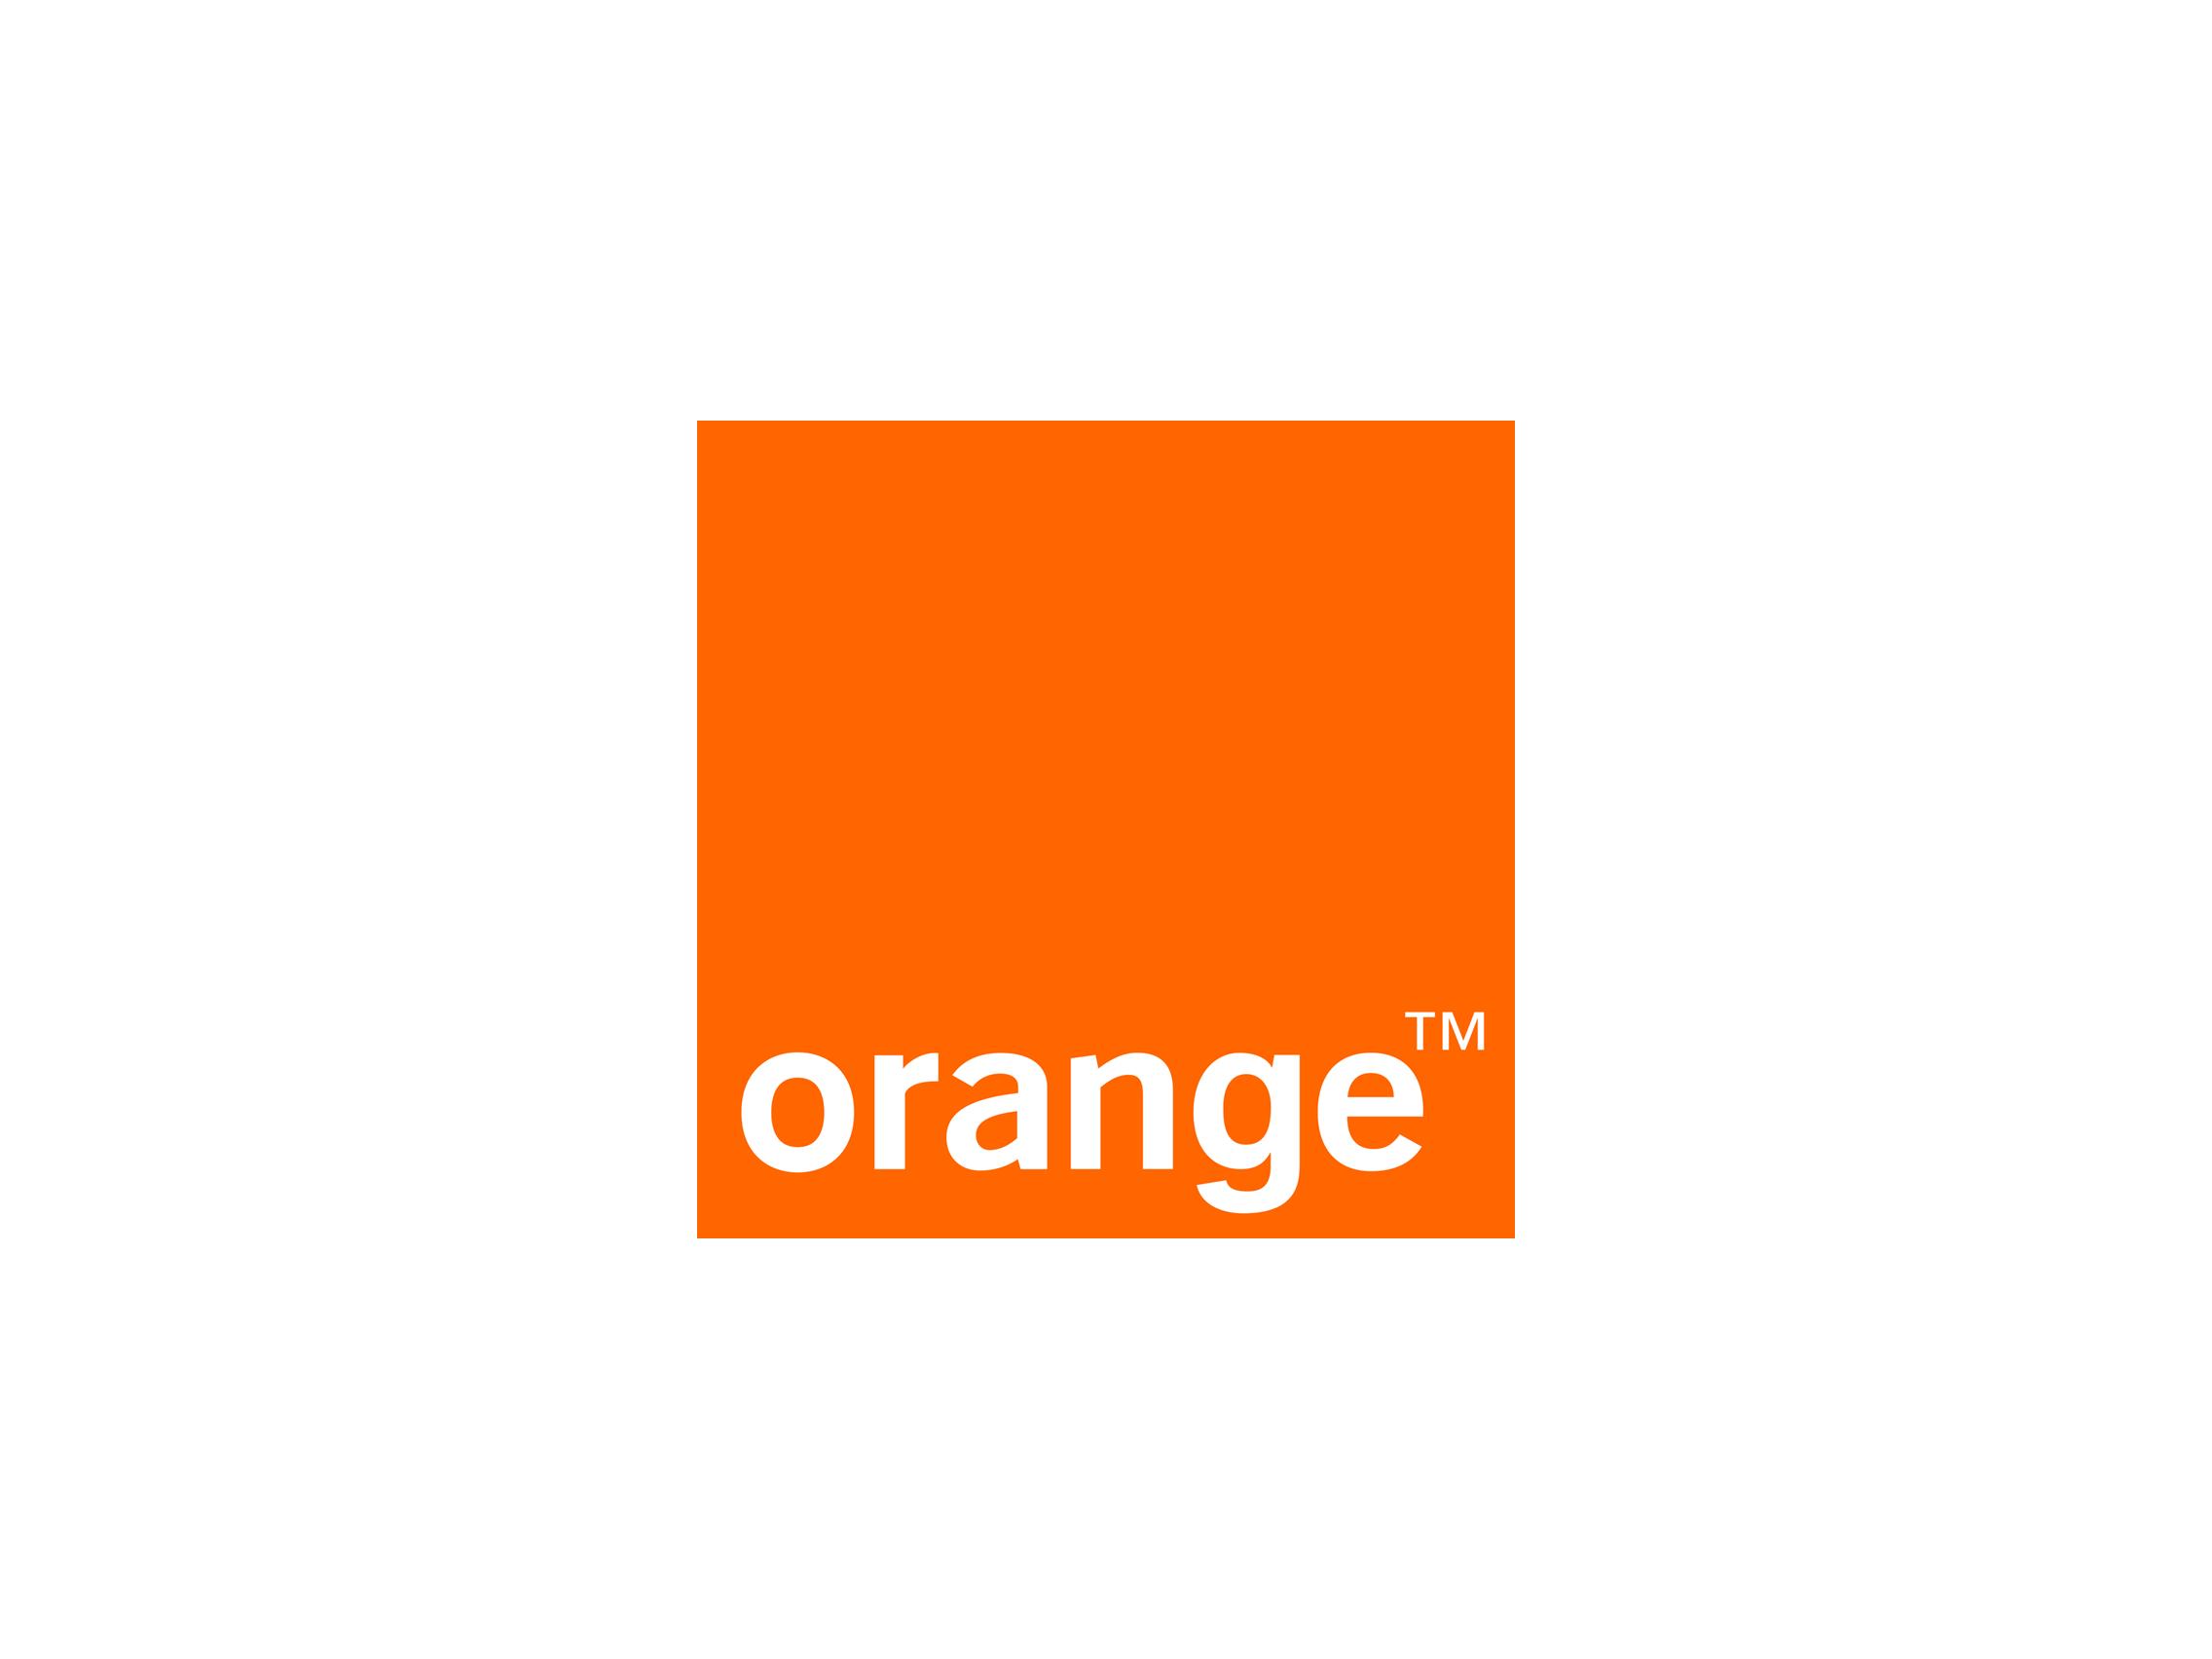 Logo of Orange Telecom